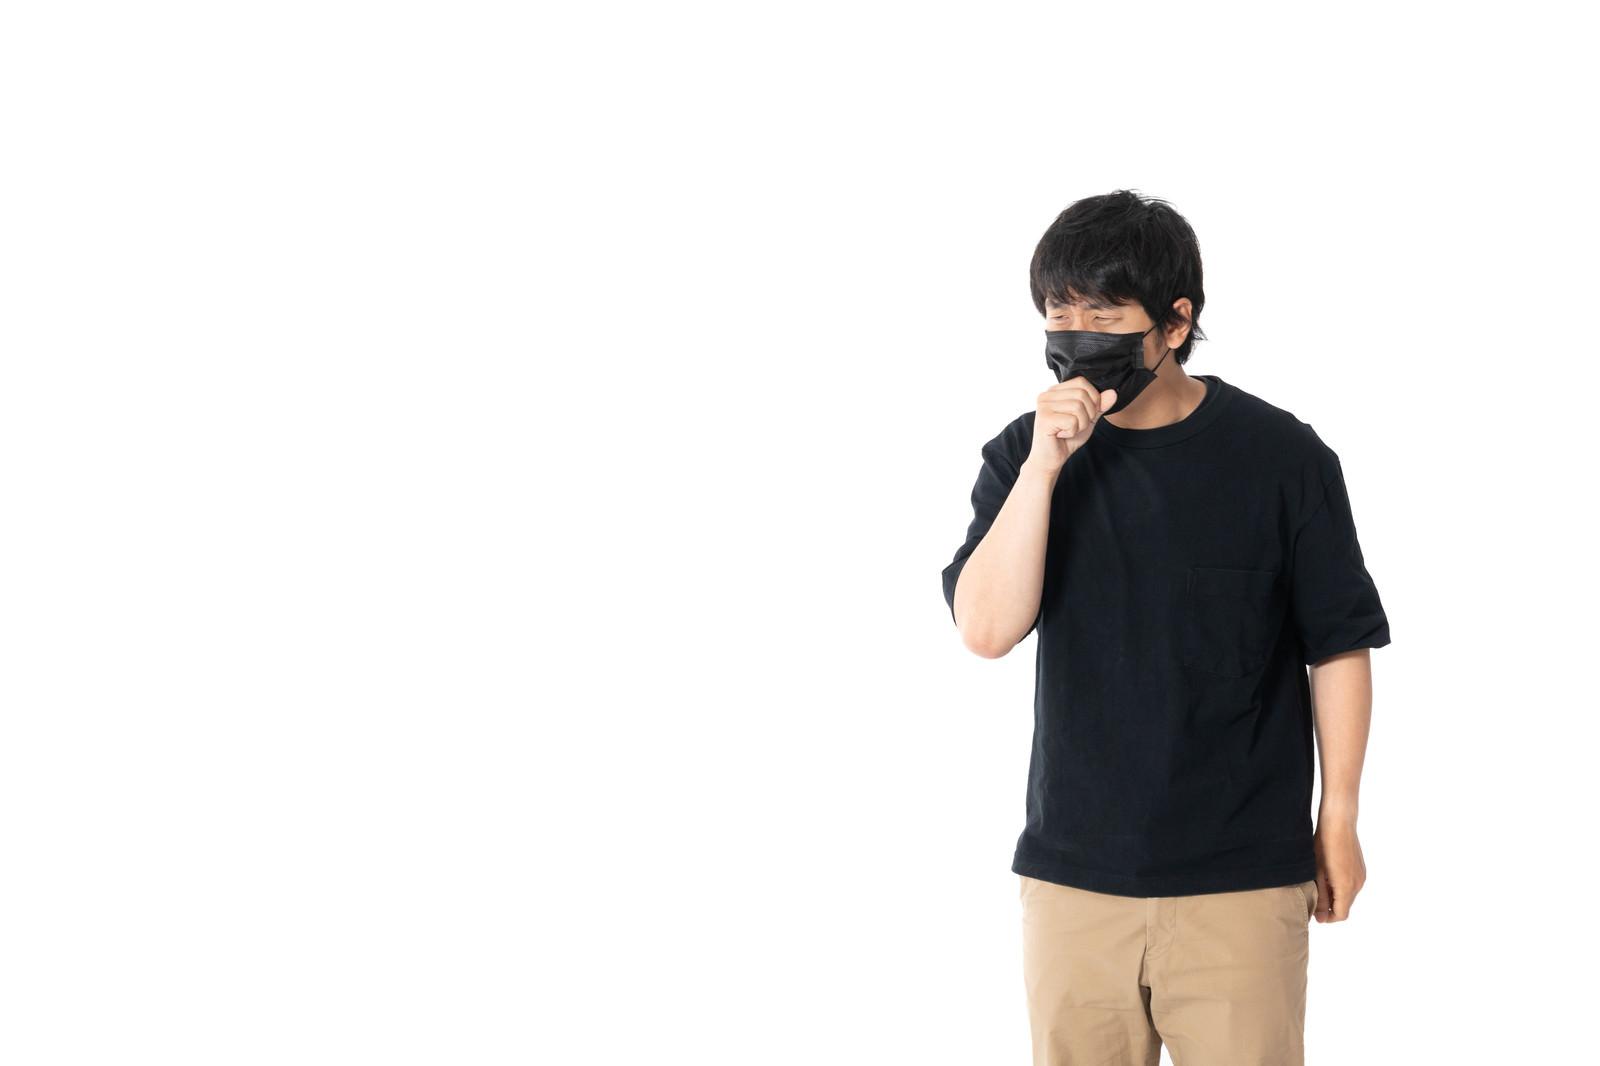 「黒マスクをしながら咳をする」の写真[モデル:大川竜弥]